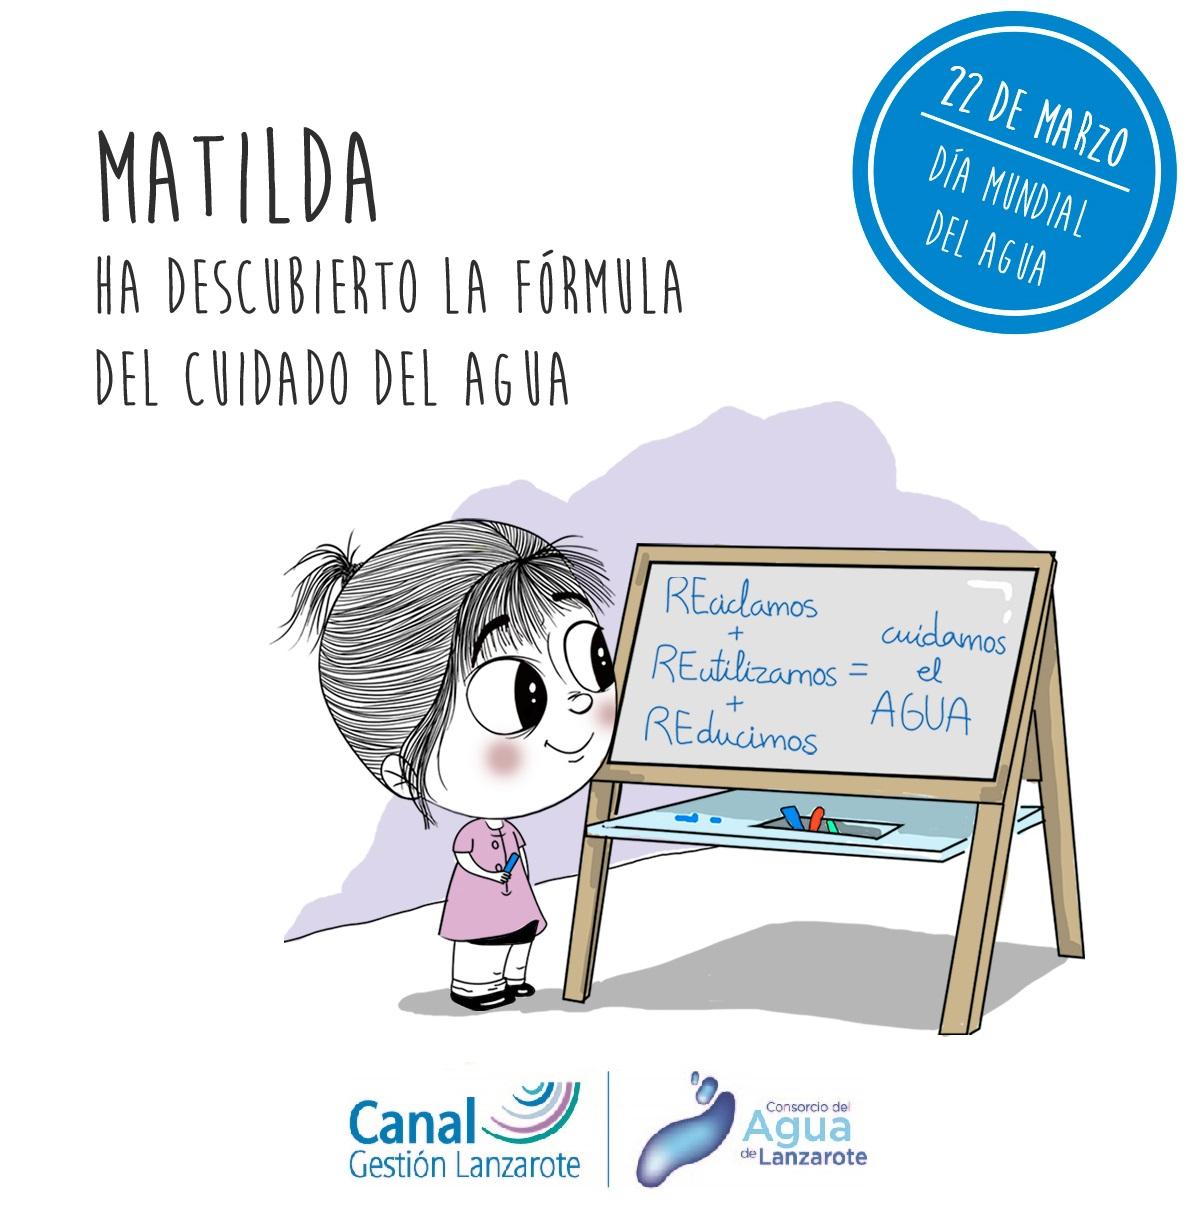 Matilda regresa a lanzarote para compartir su gran for Canal isabel ii oficina virtual